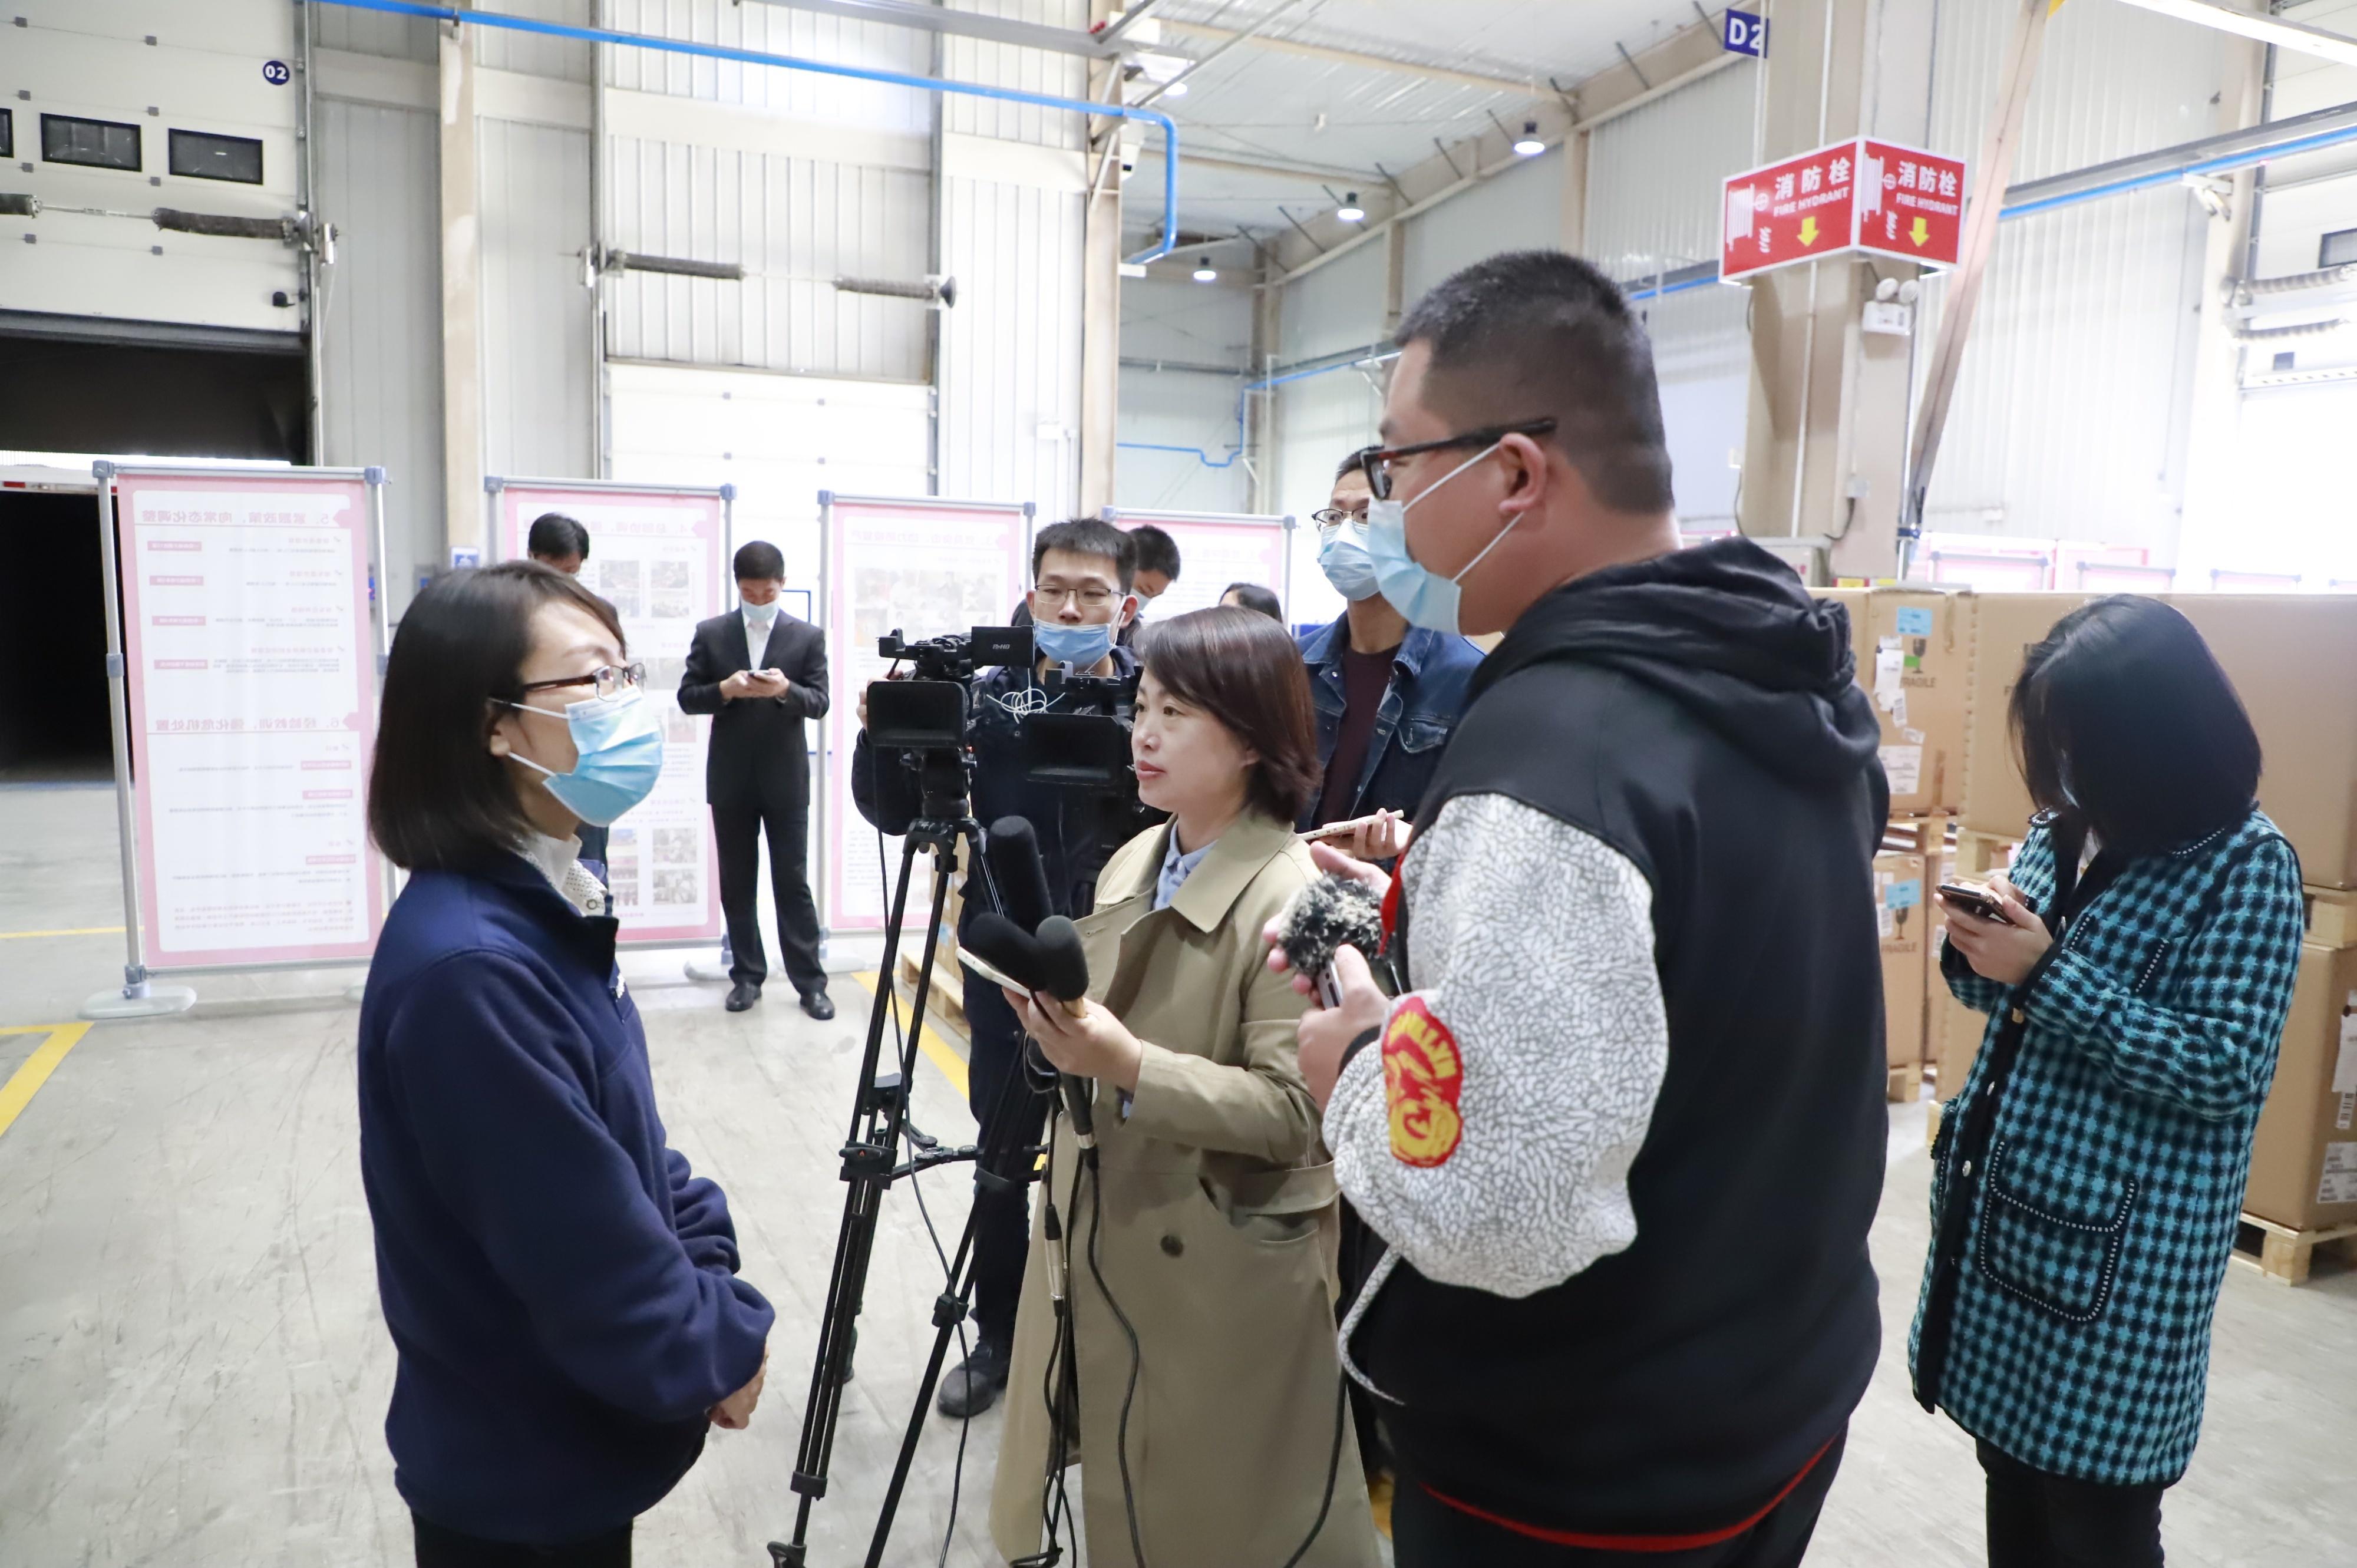 聚焦三河高质量发展:京企央企落地三河 增强京津冀产业协同发展